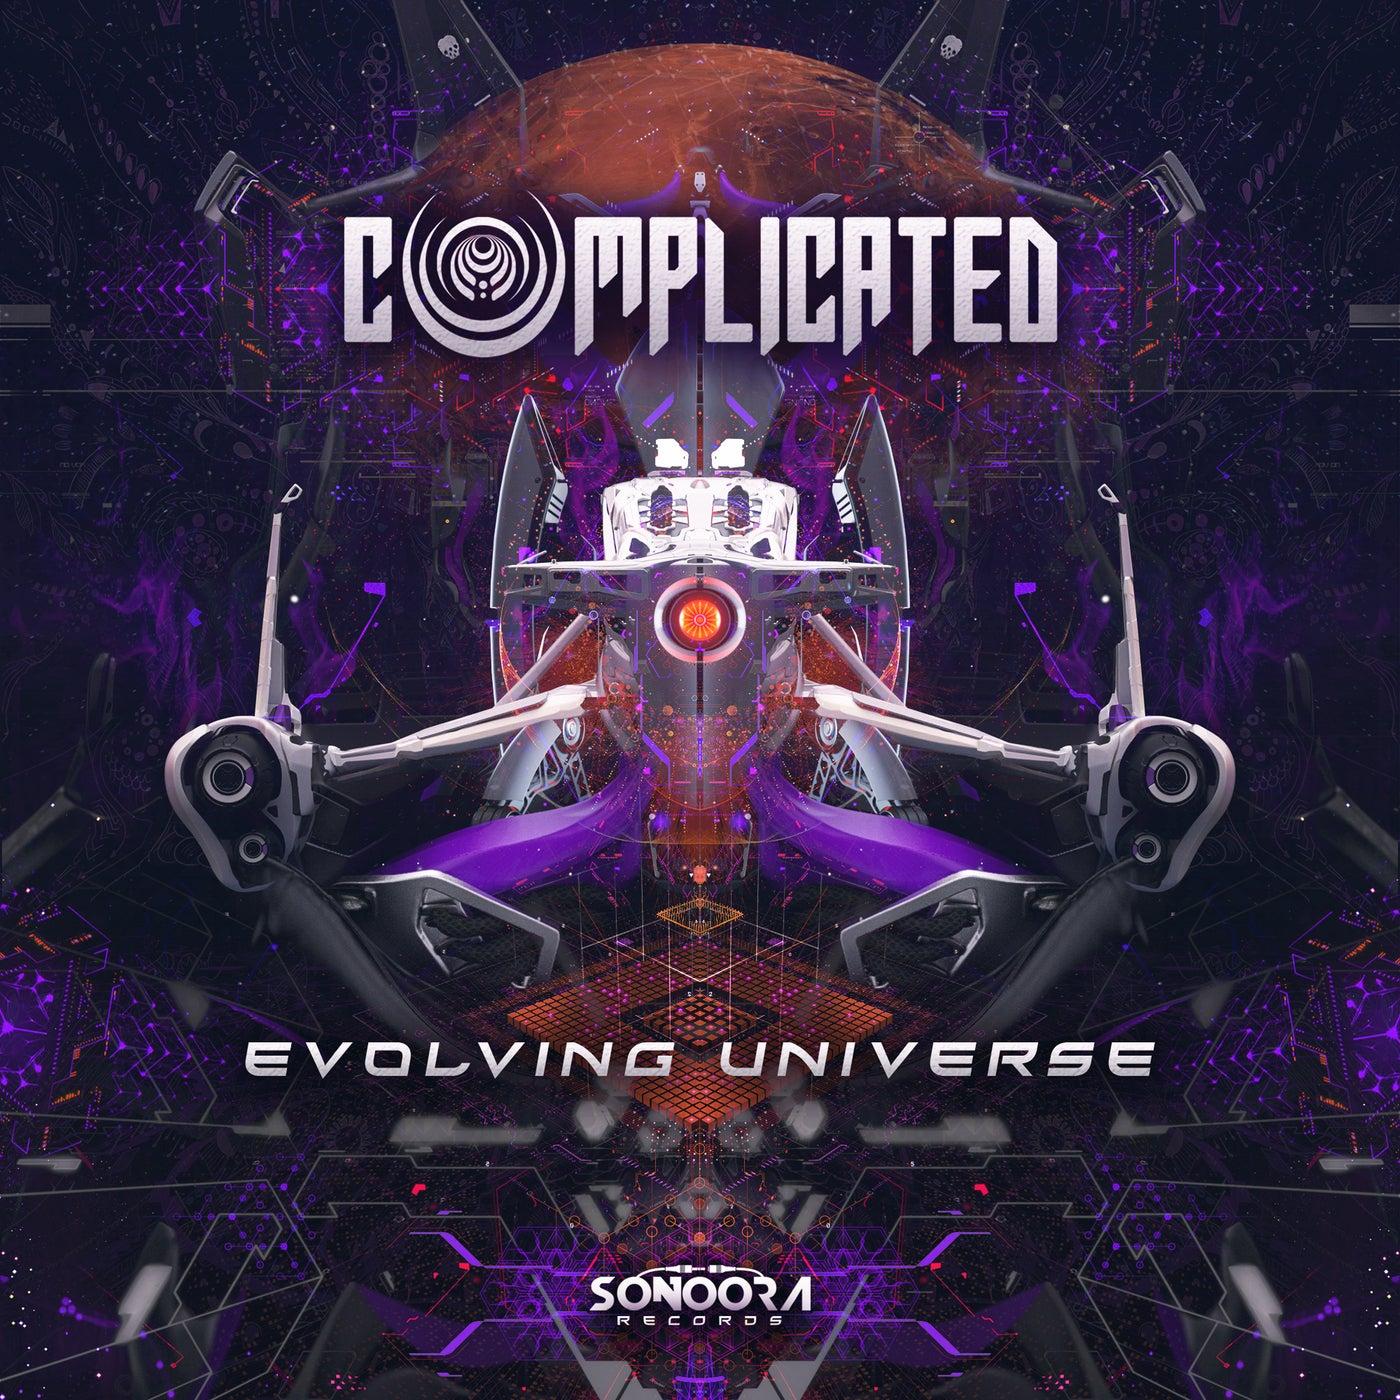 Evolving Universe (Original Mix)